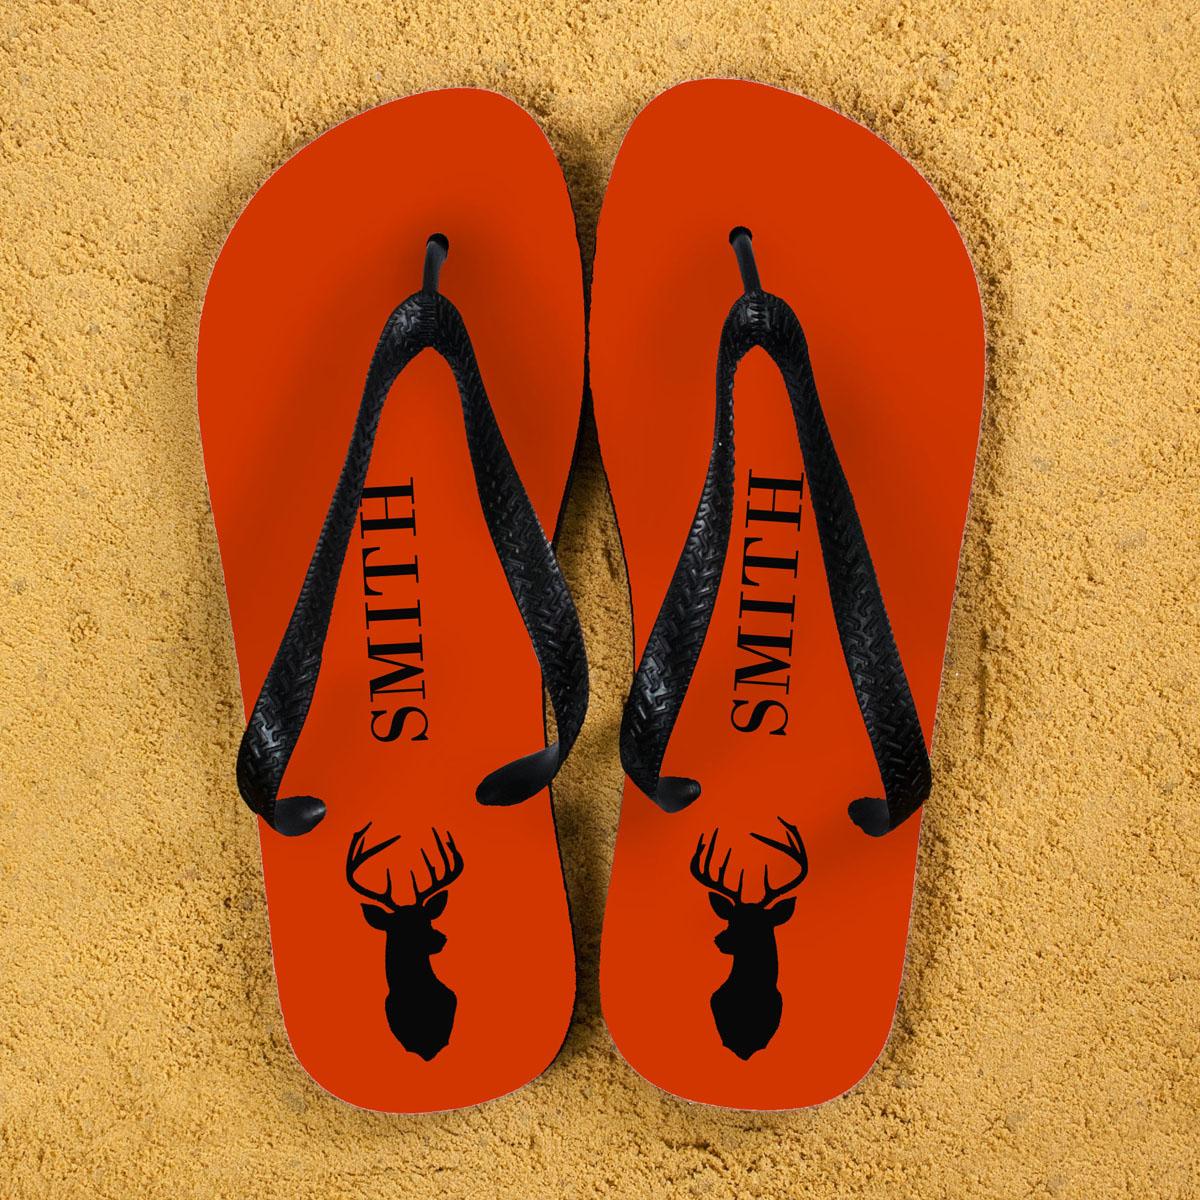 Stag Personalised Flip Flops in Orange